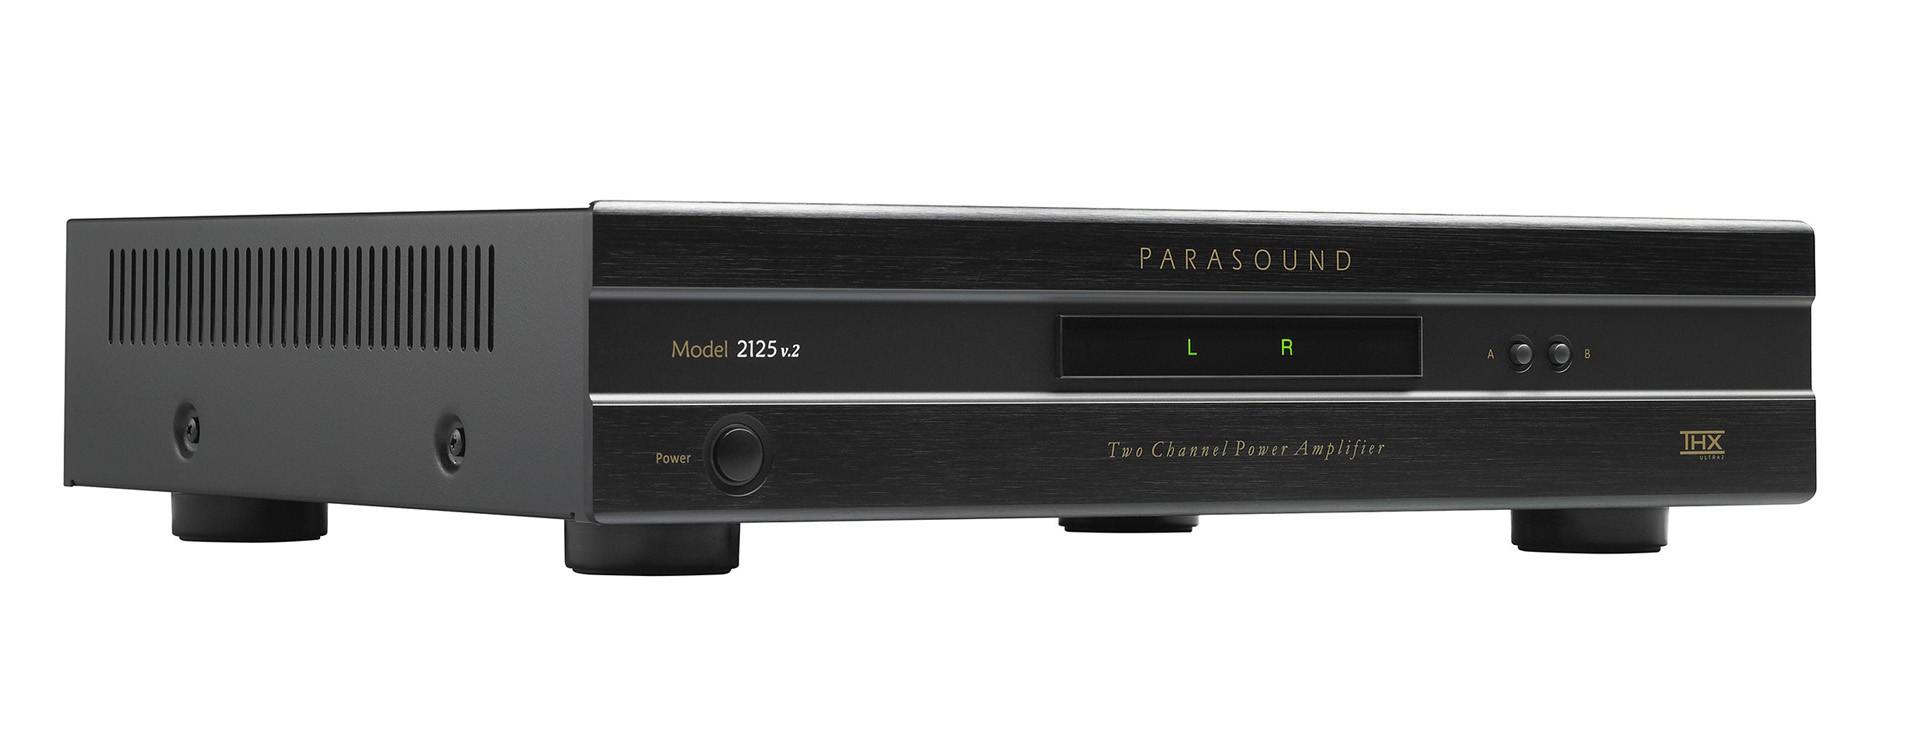 Parasound 2125 v.2 2Ch 150Watts RMS Amplificador